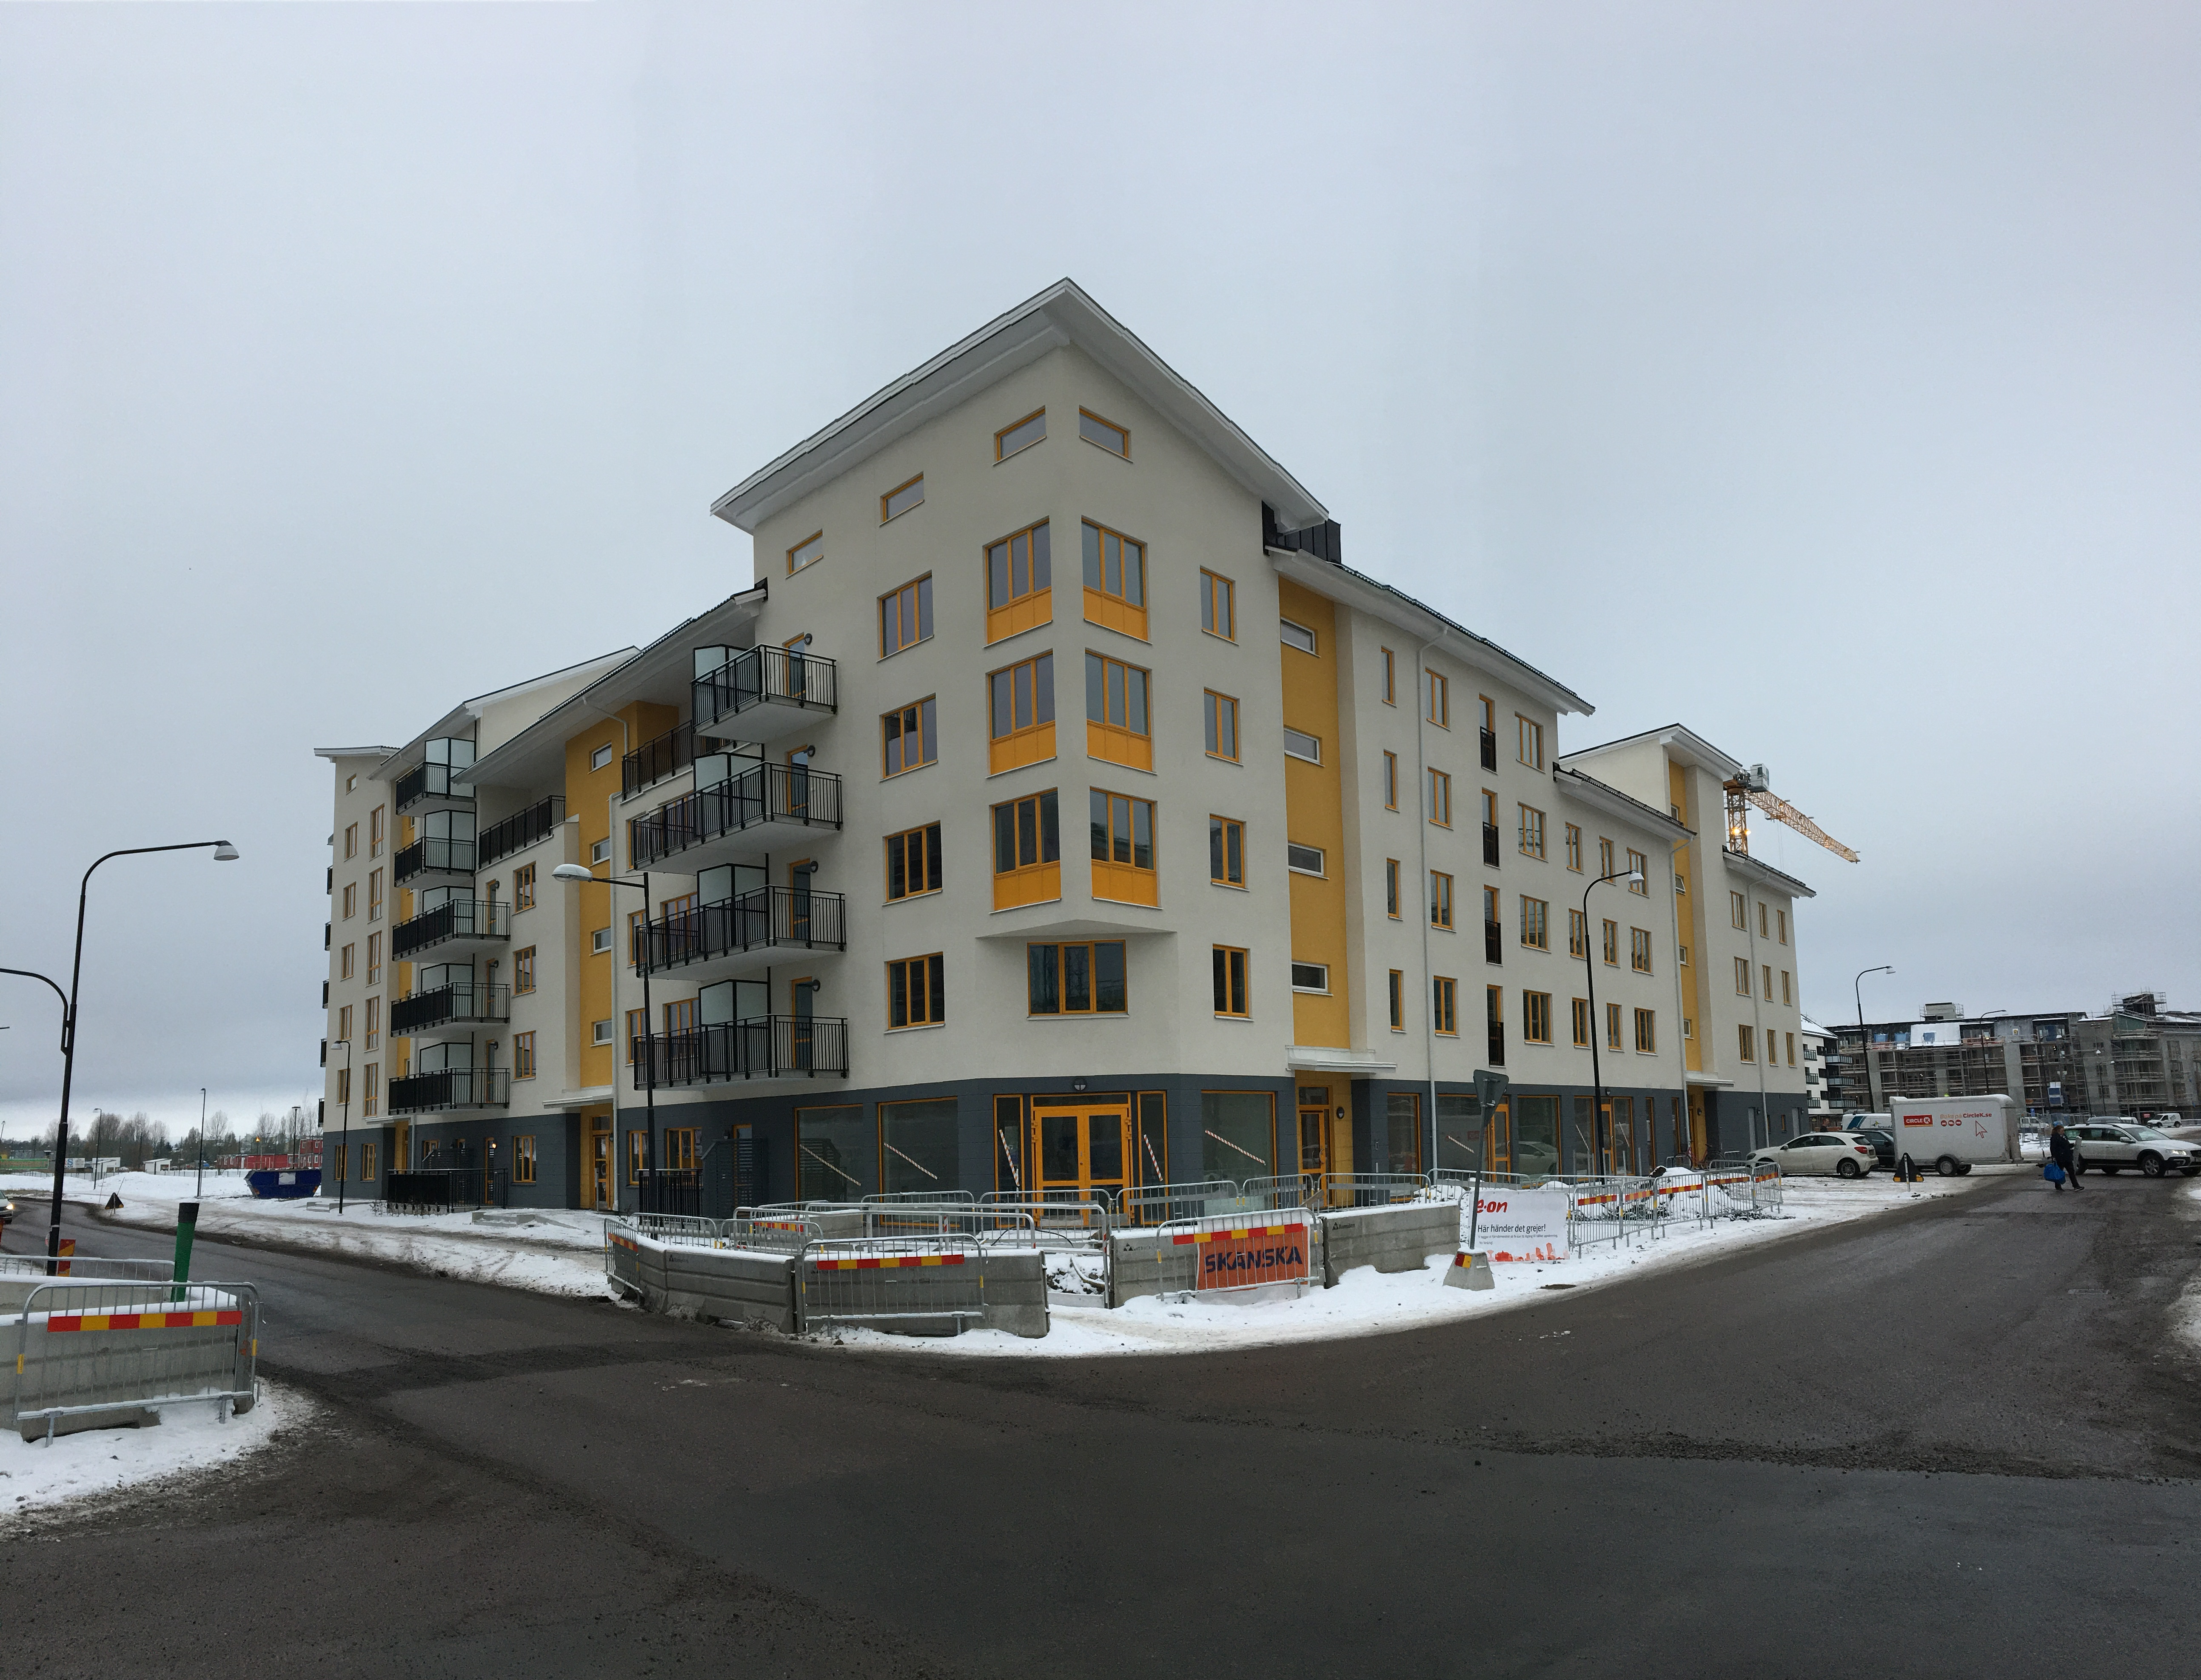 Kv. Åbrodden, Örebro